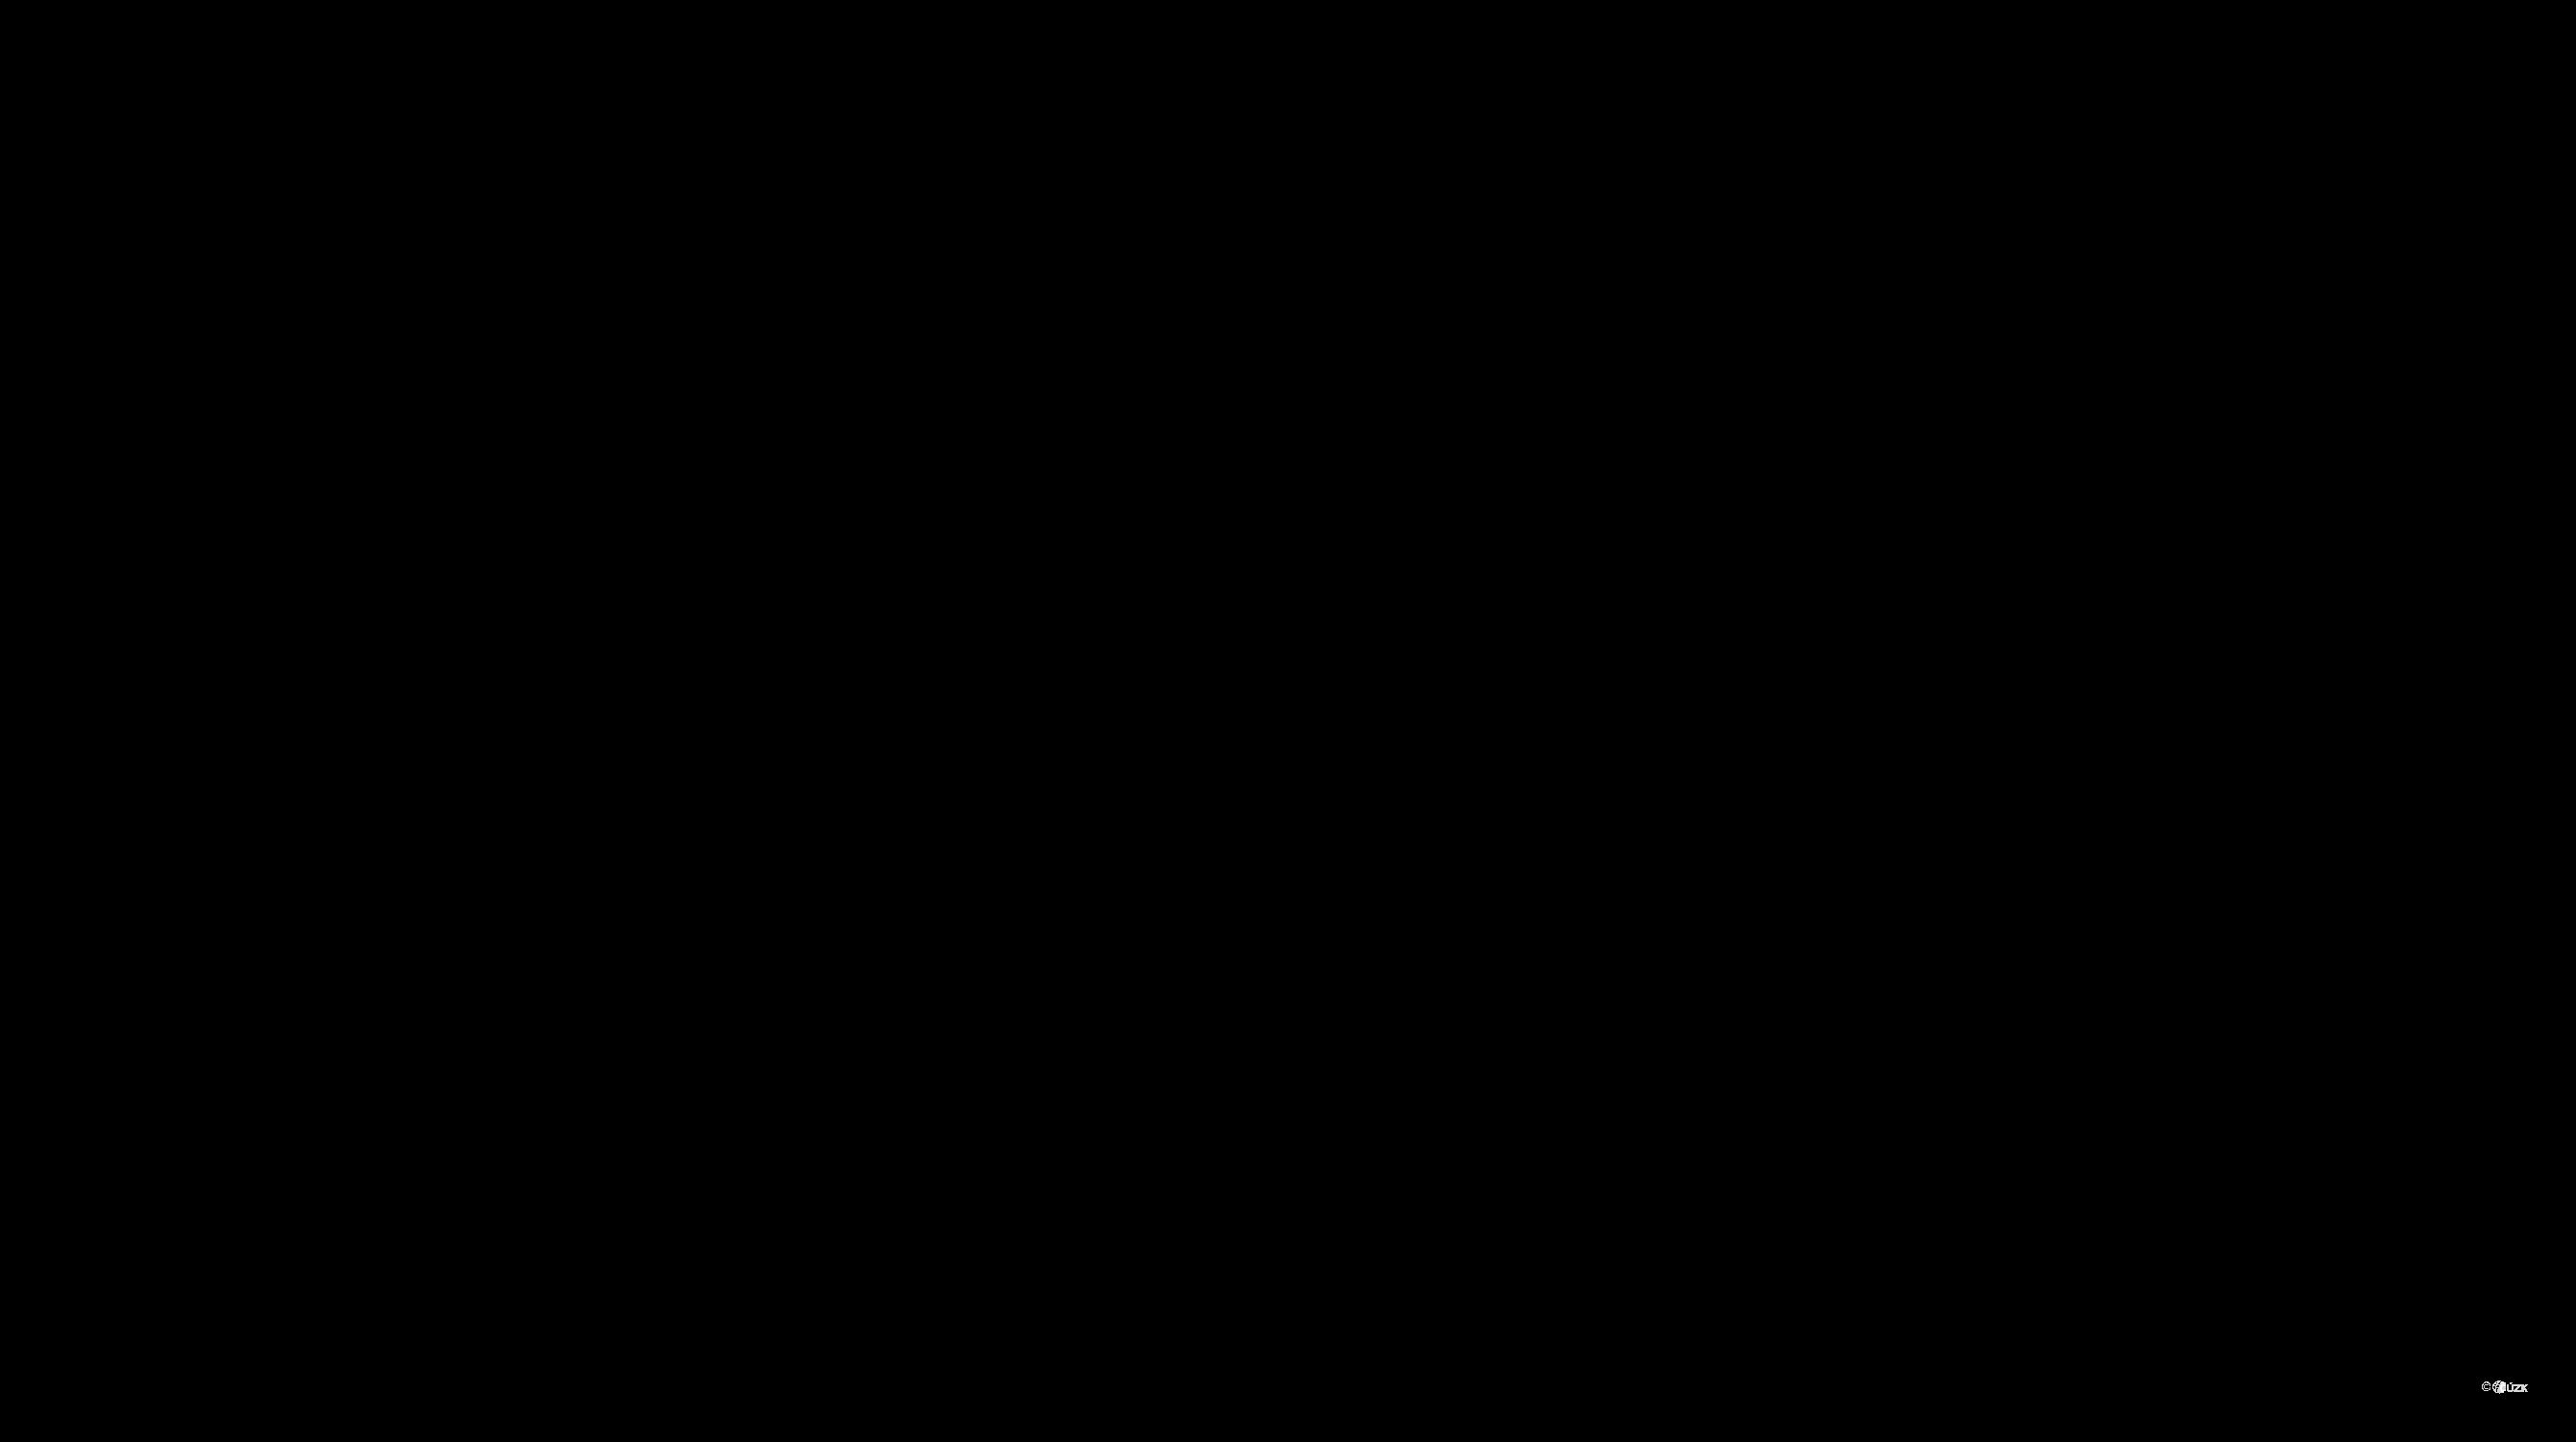 Katastrální mapa pozemků a čísla parcel Lobeč